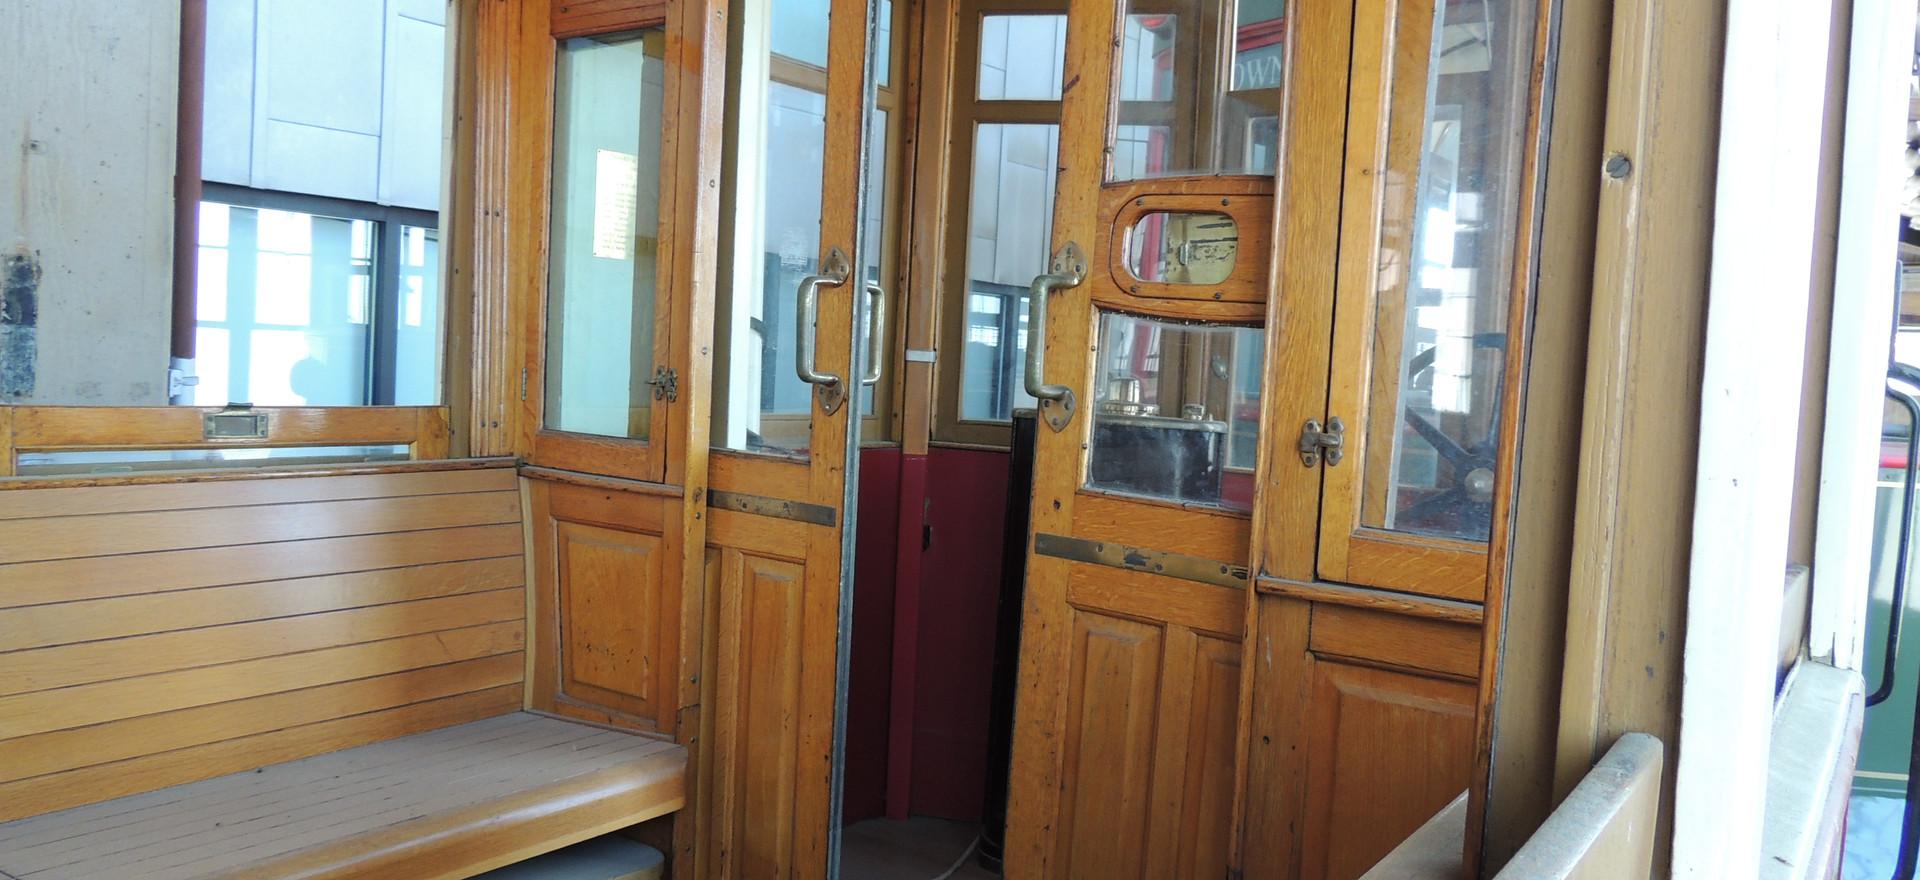 Interior of Trolley Car #1